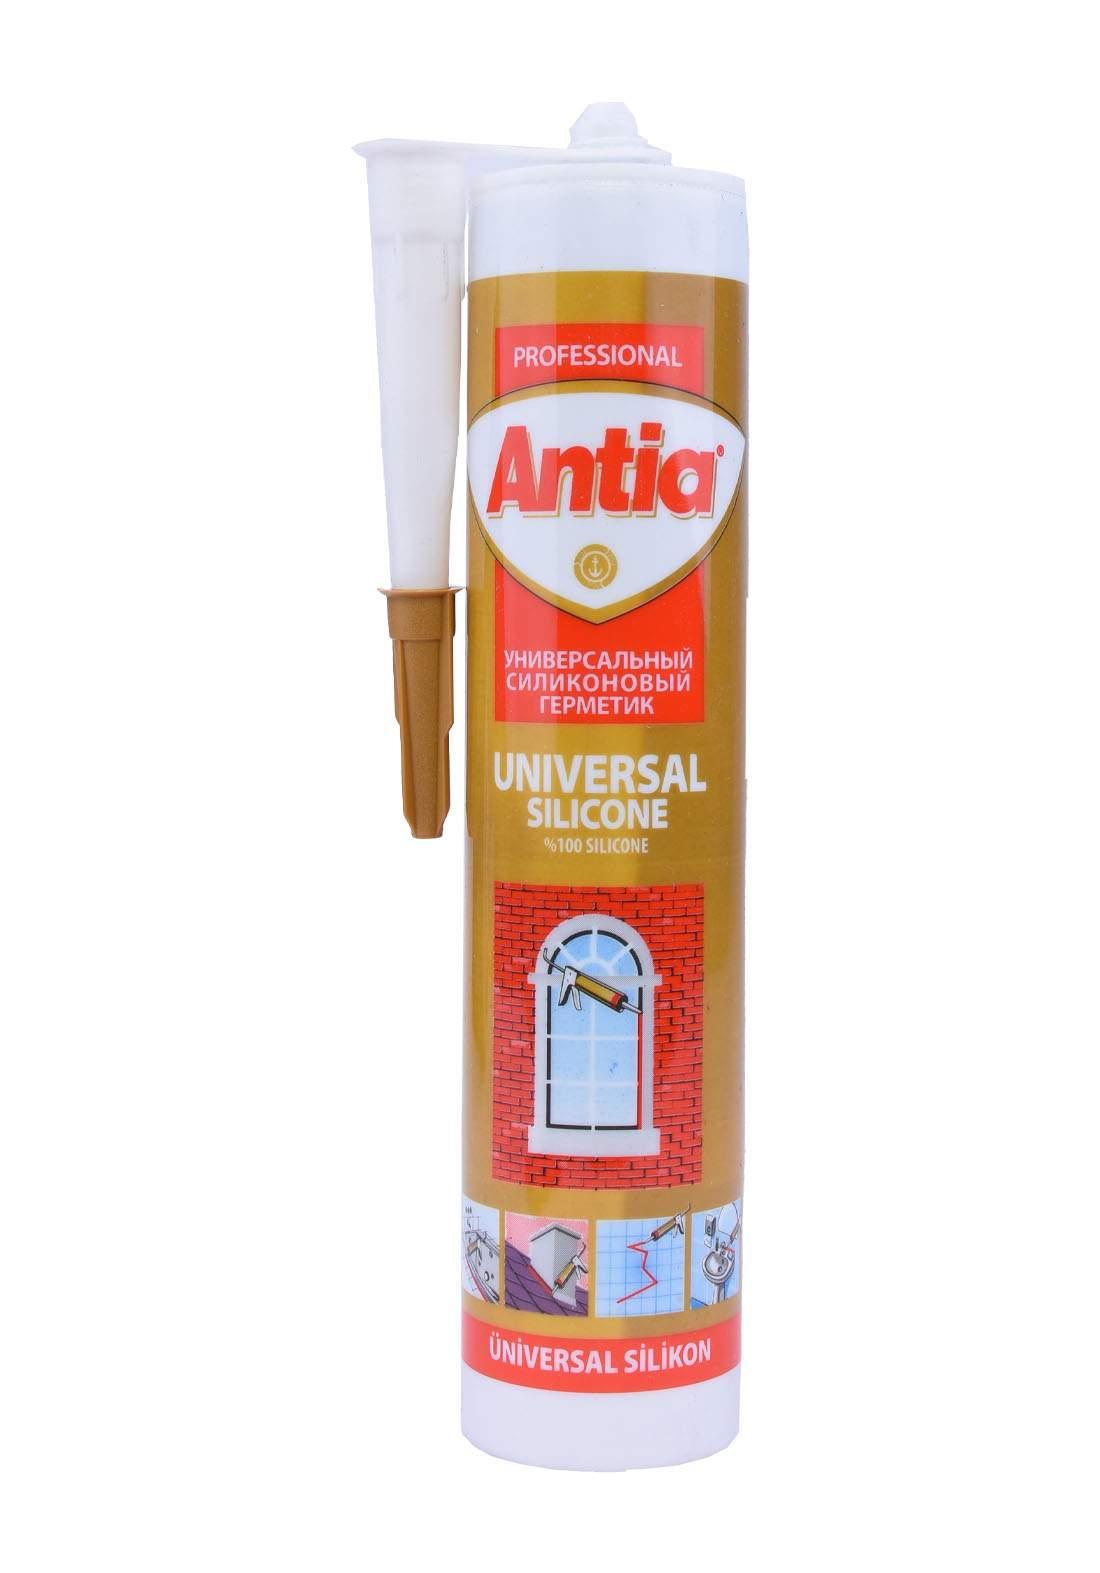 Antia AN-8197 Universal 280ml سليكون